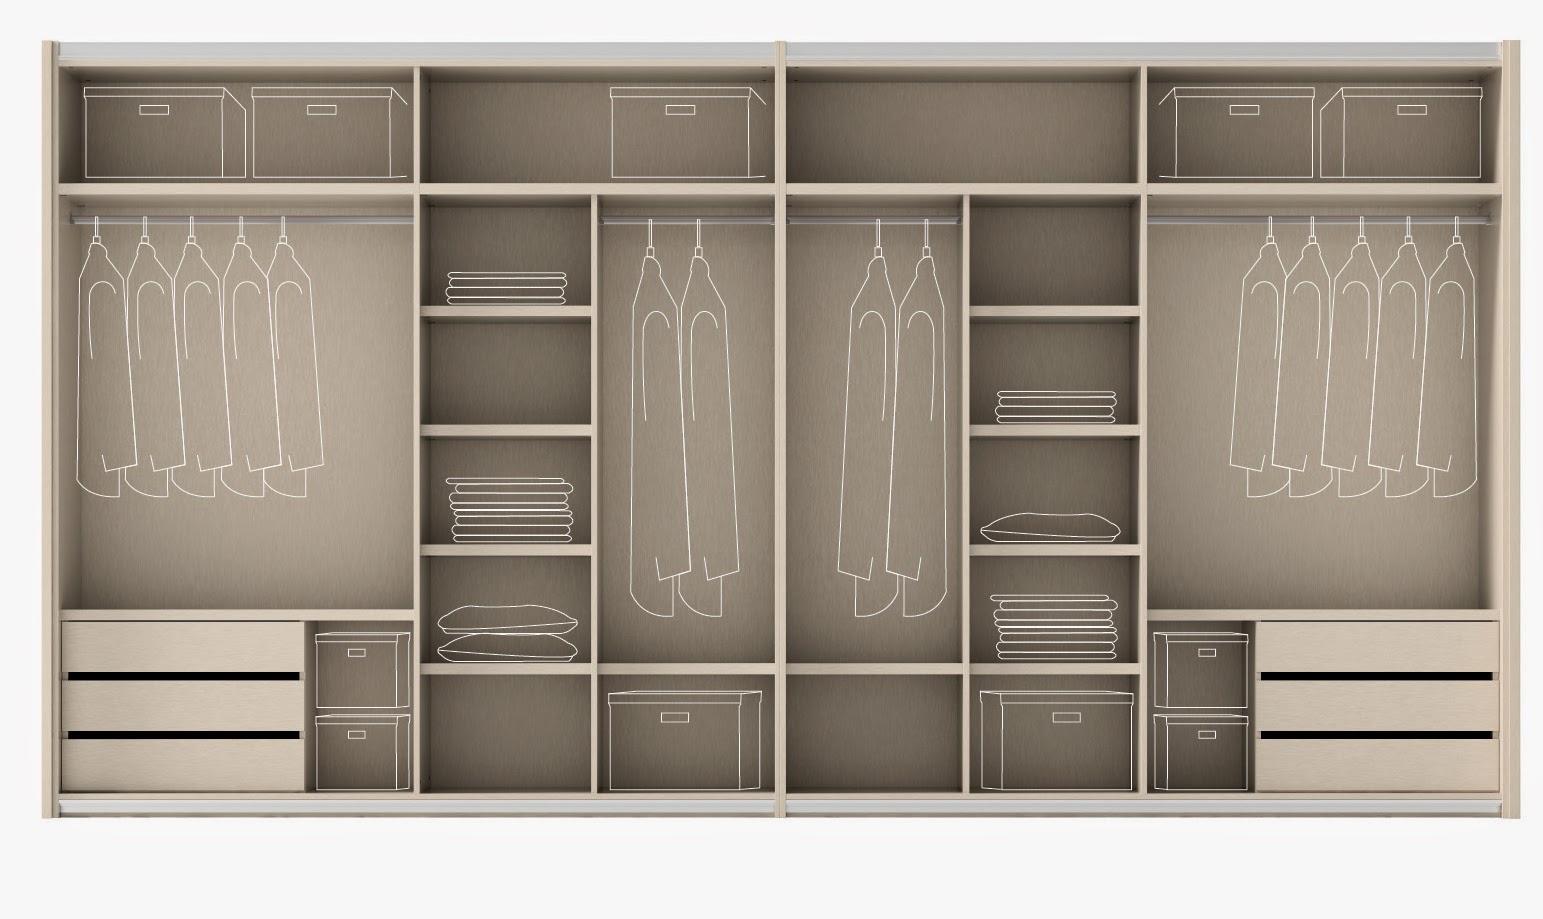 consigli per posizionare l'armadio in camera da letto - Armadio Per Camera Da Letto